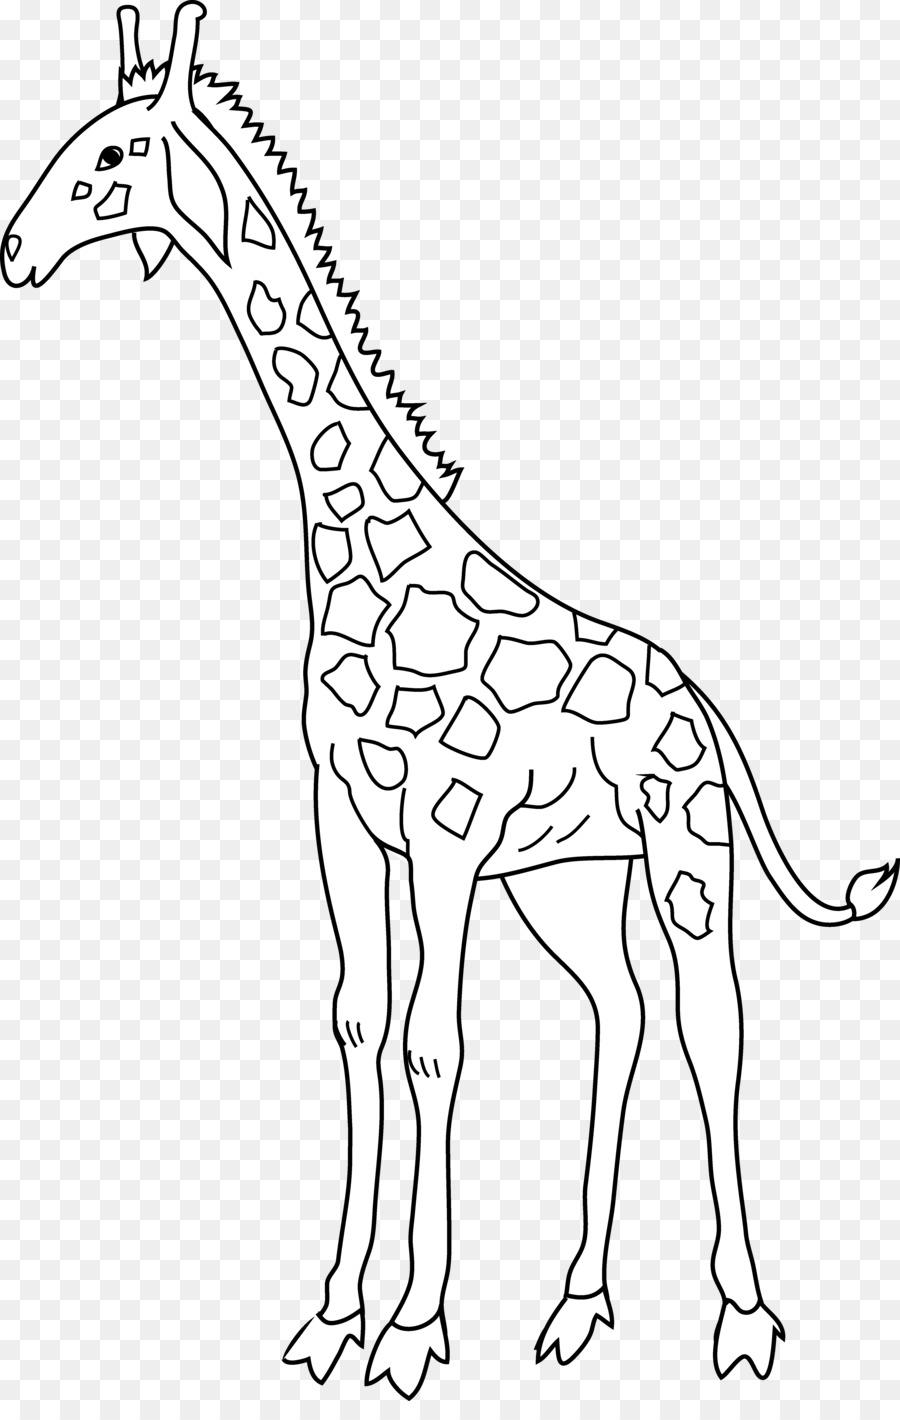 жираф картинка простая наступила пора